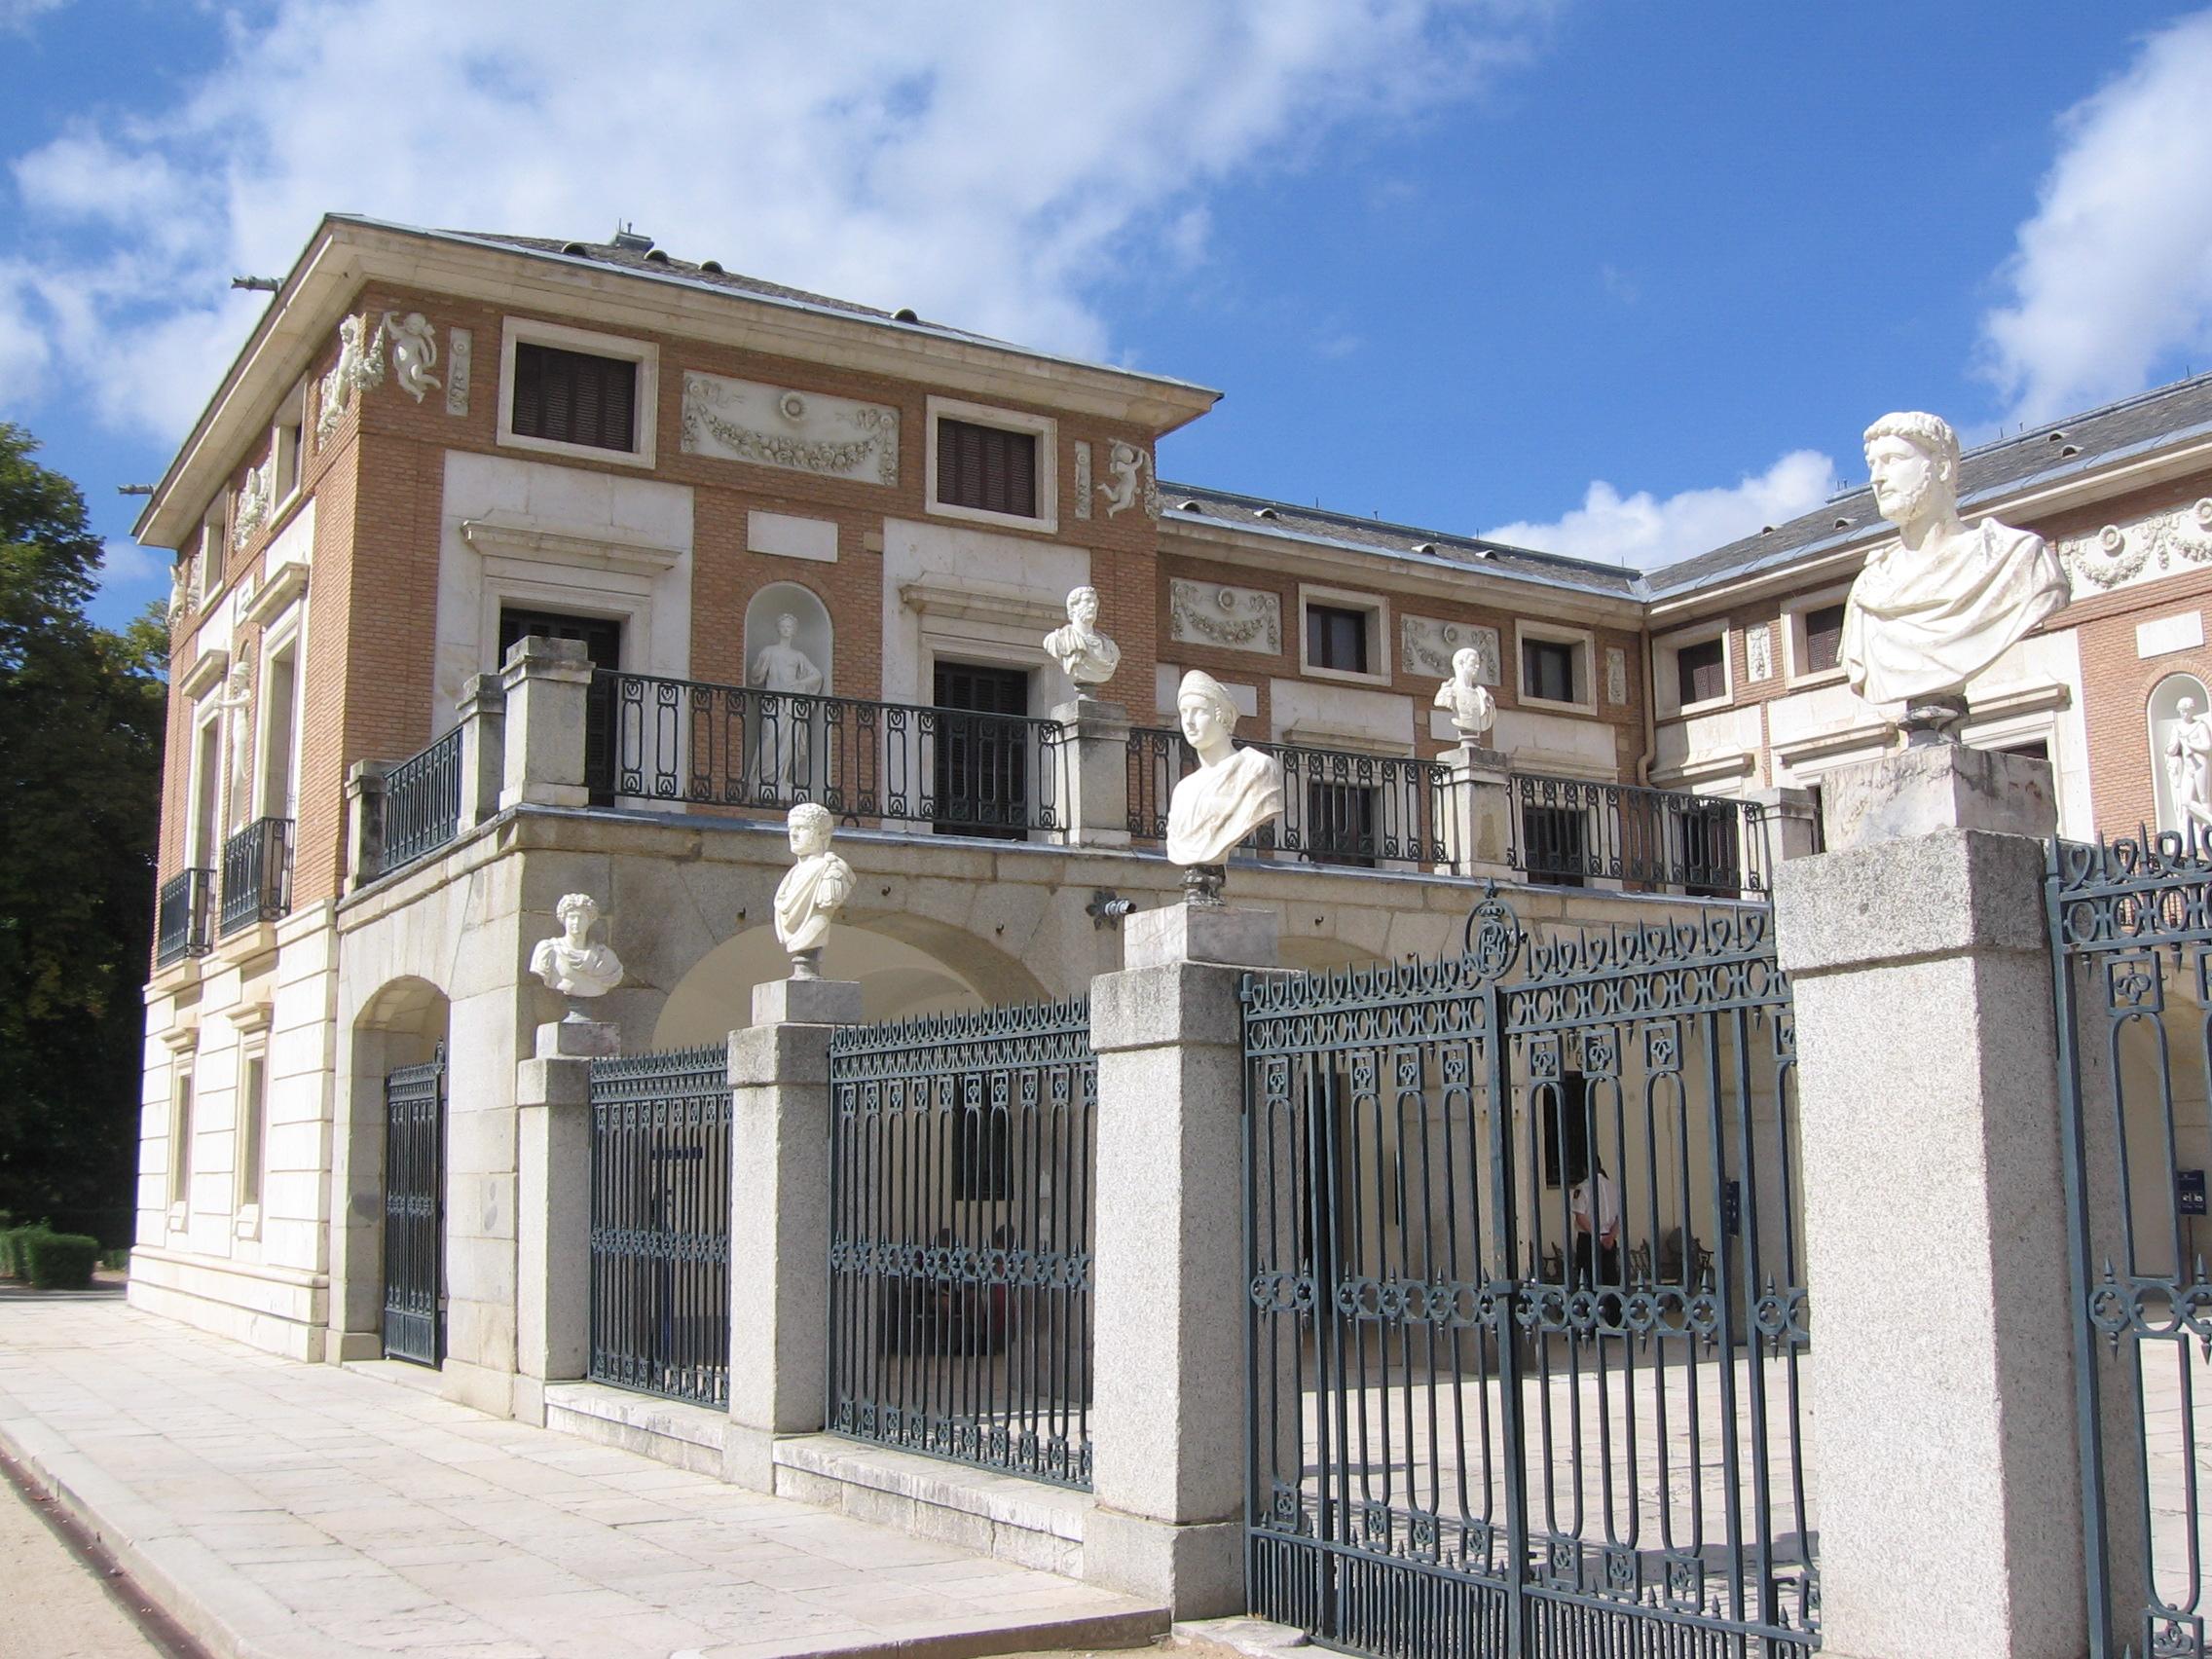 La real casa del labrador en aranjuez blog de viajes for Casa actual